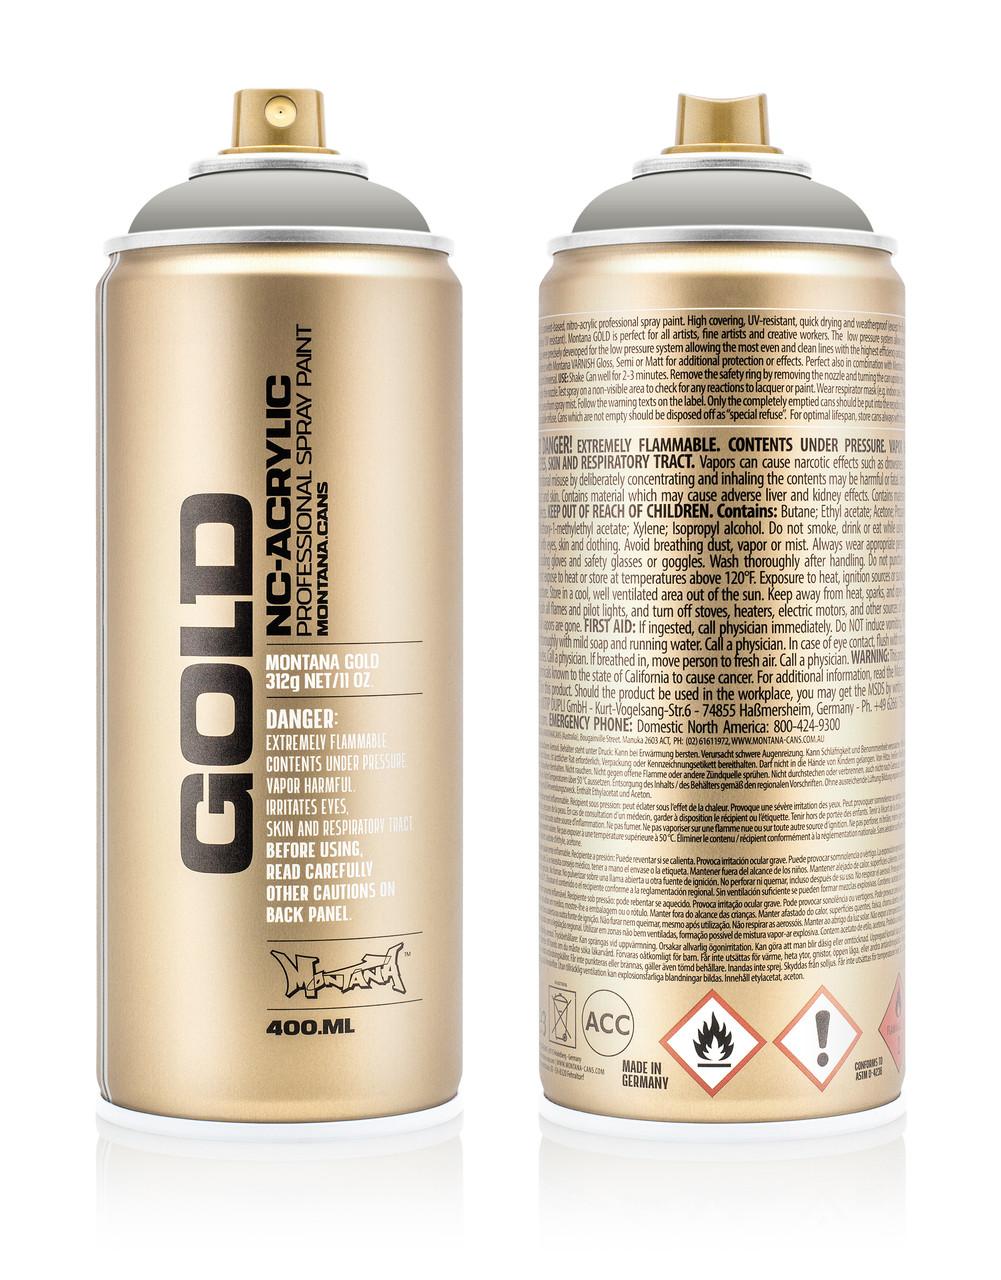 Краска Montana Gold 7030 Железный занавес 400 мл (Iron Curtain) (285271)